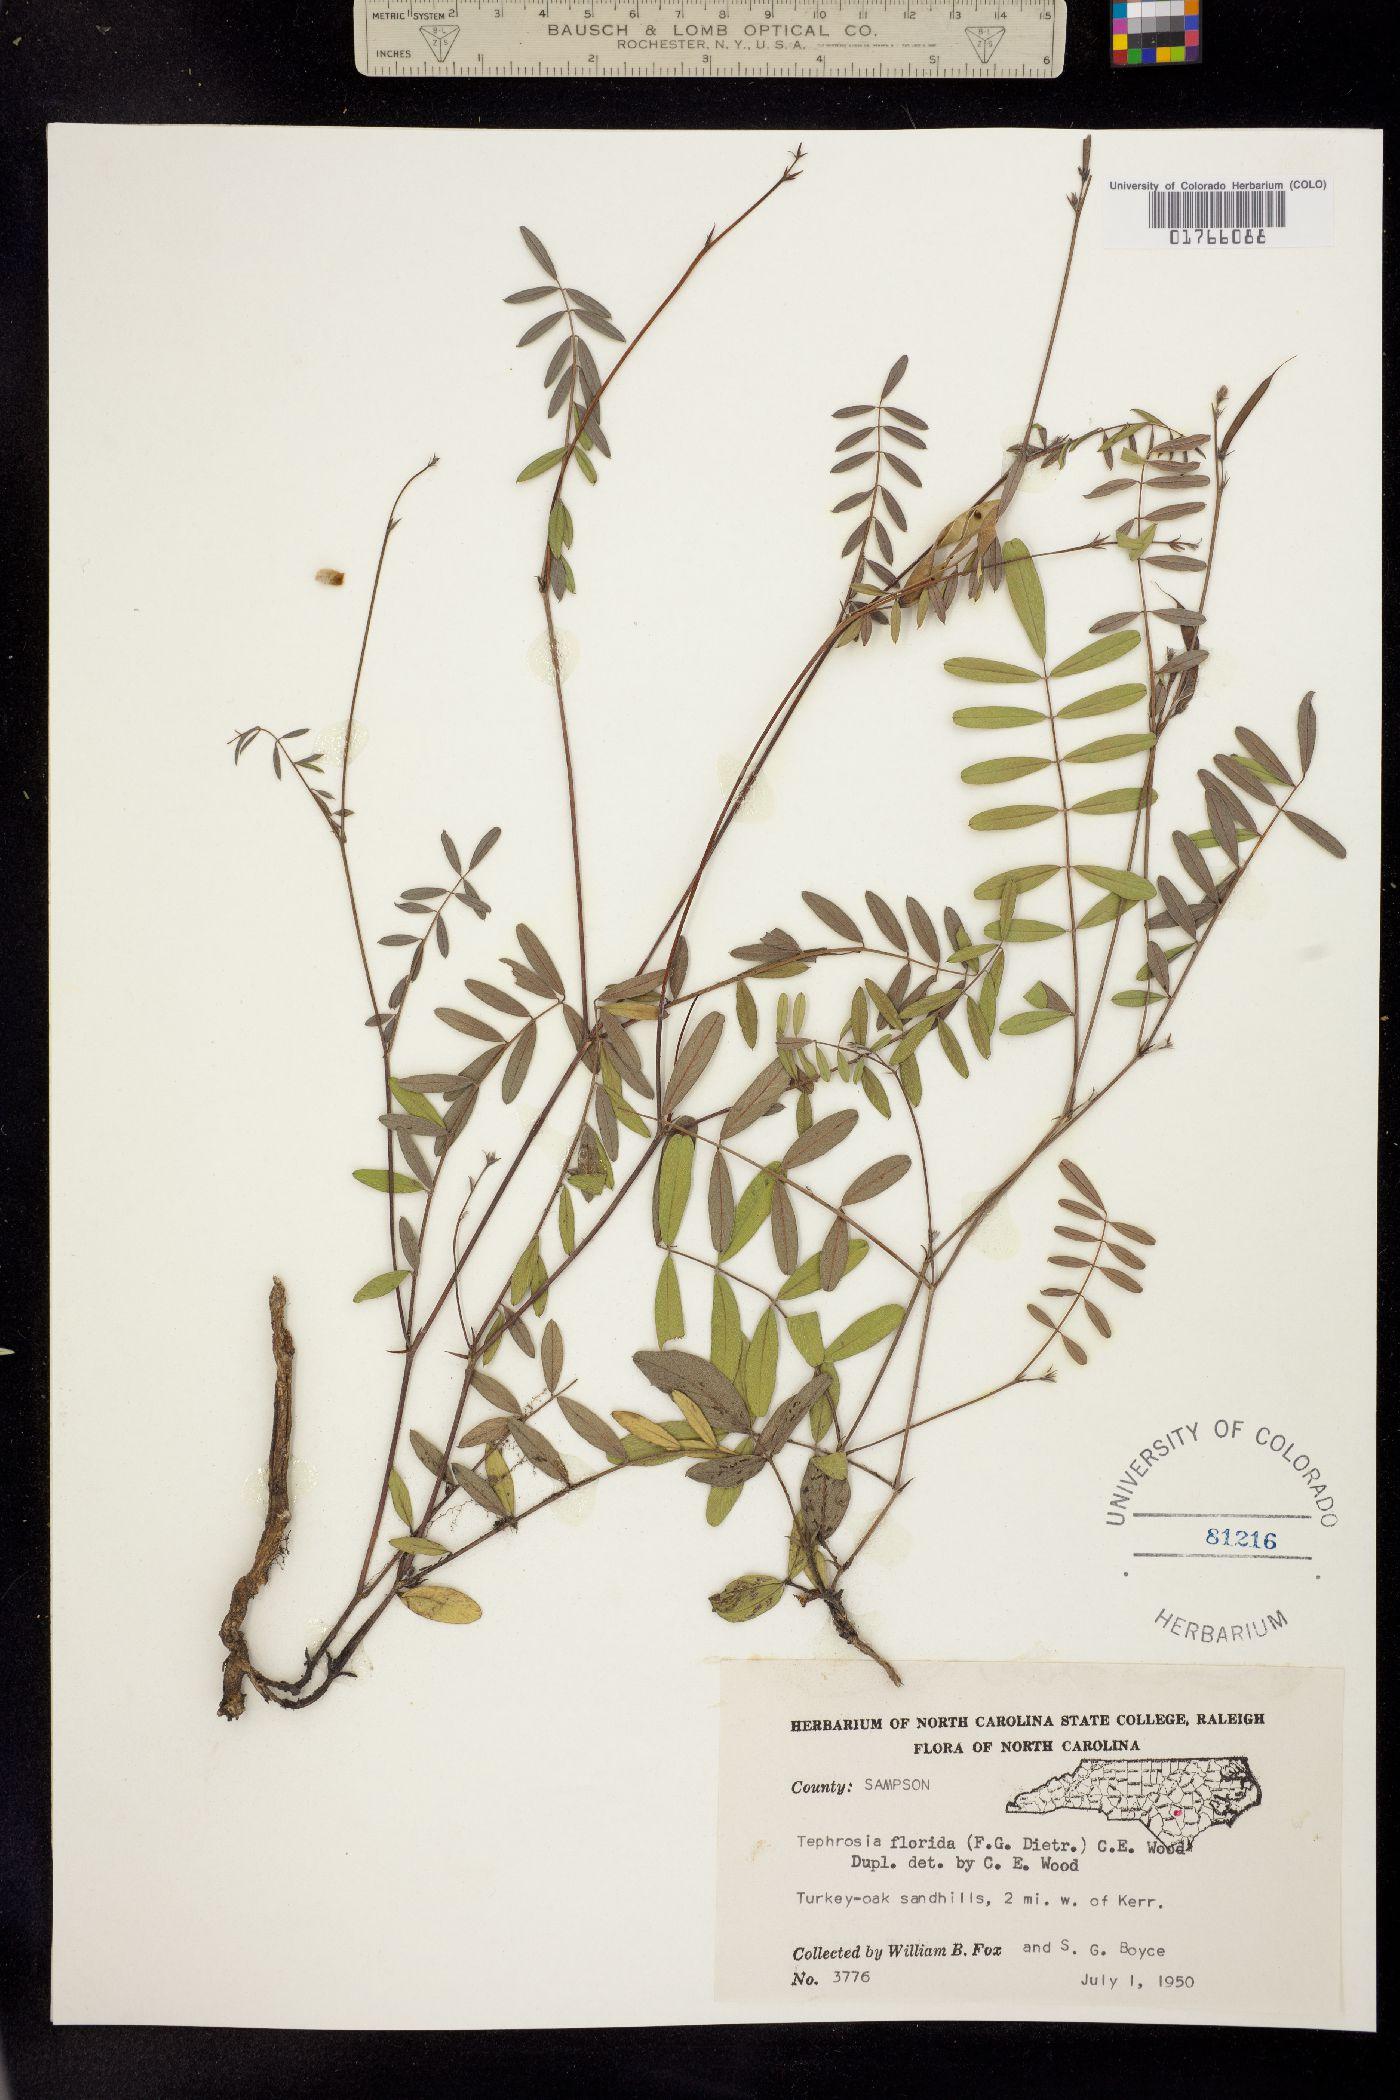 Tephrosia florida image